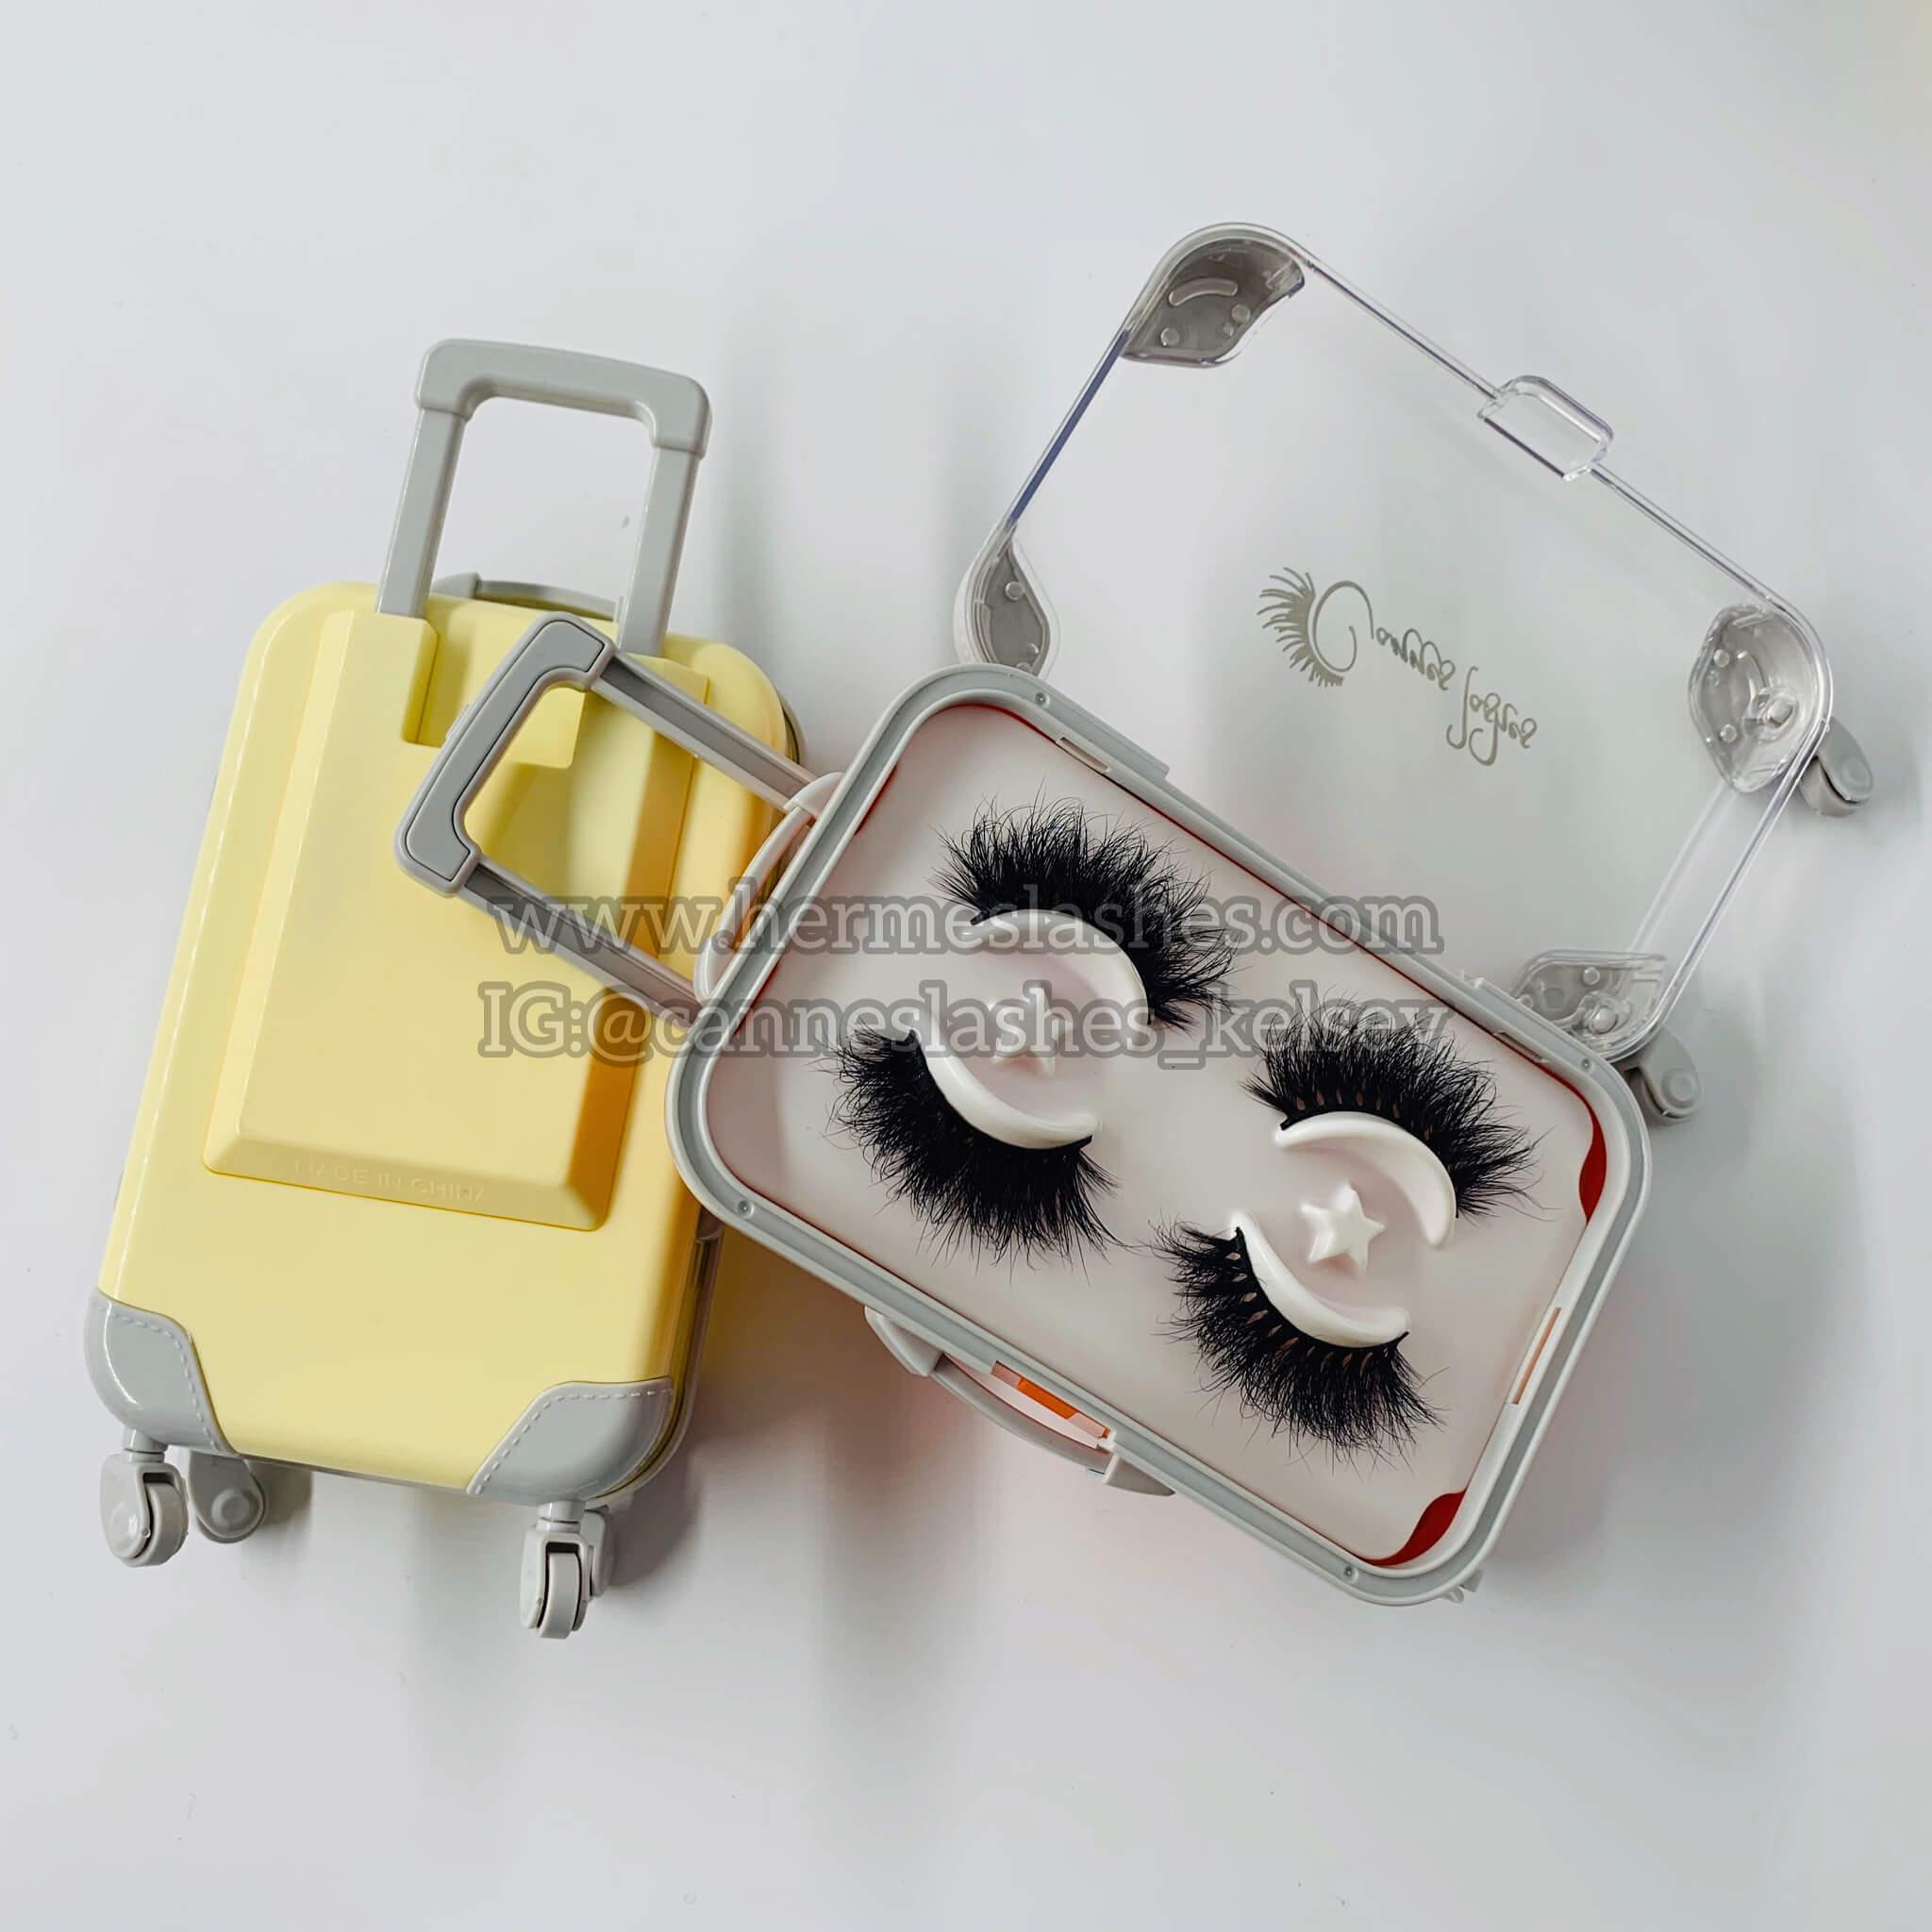 Suitcase eyelashes packaging